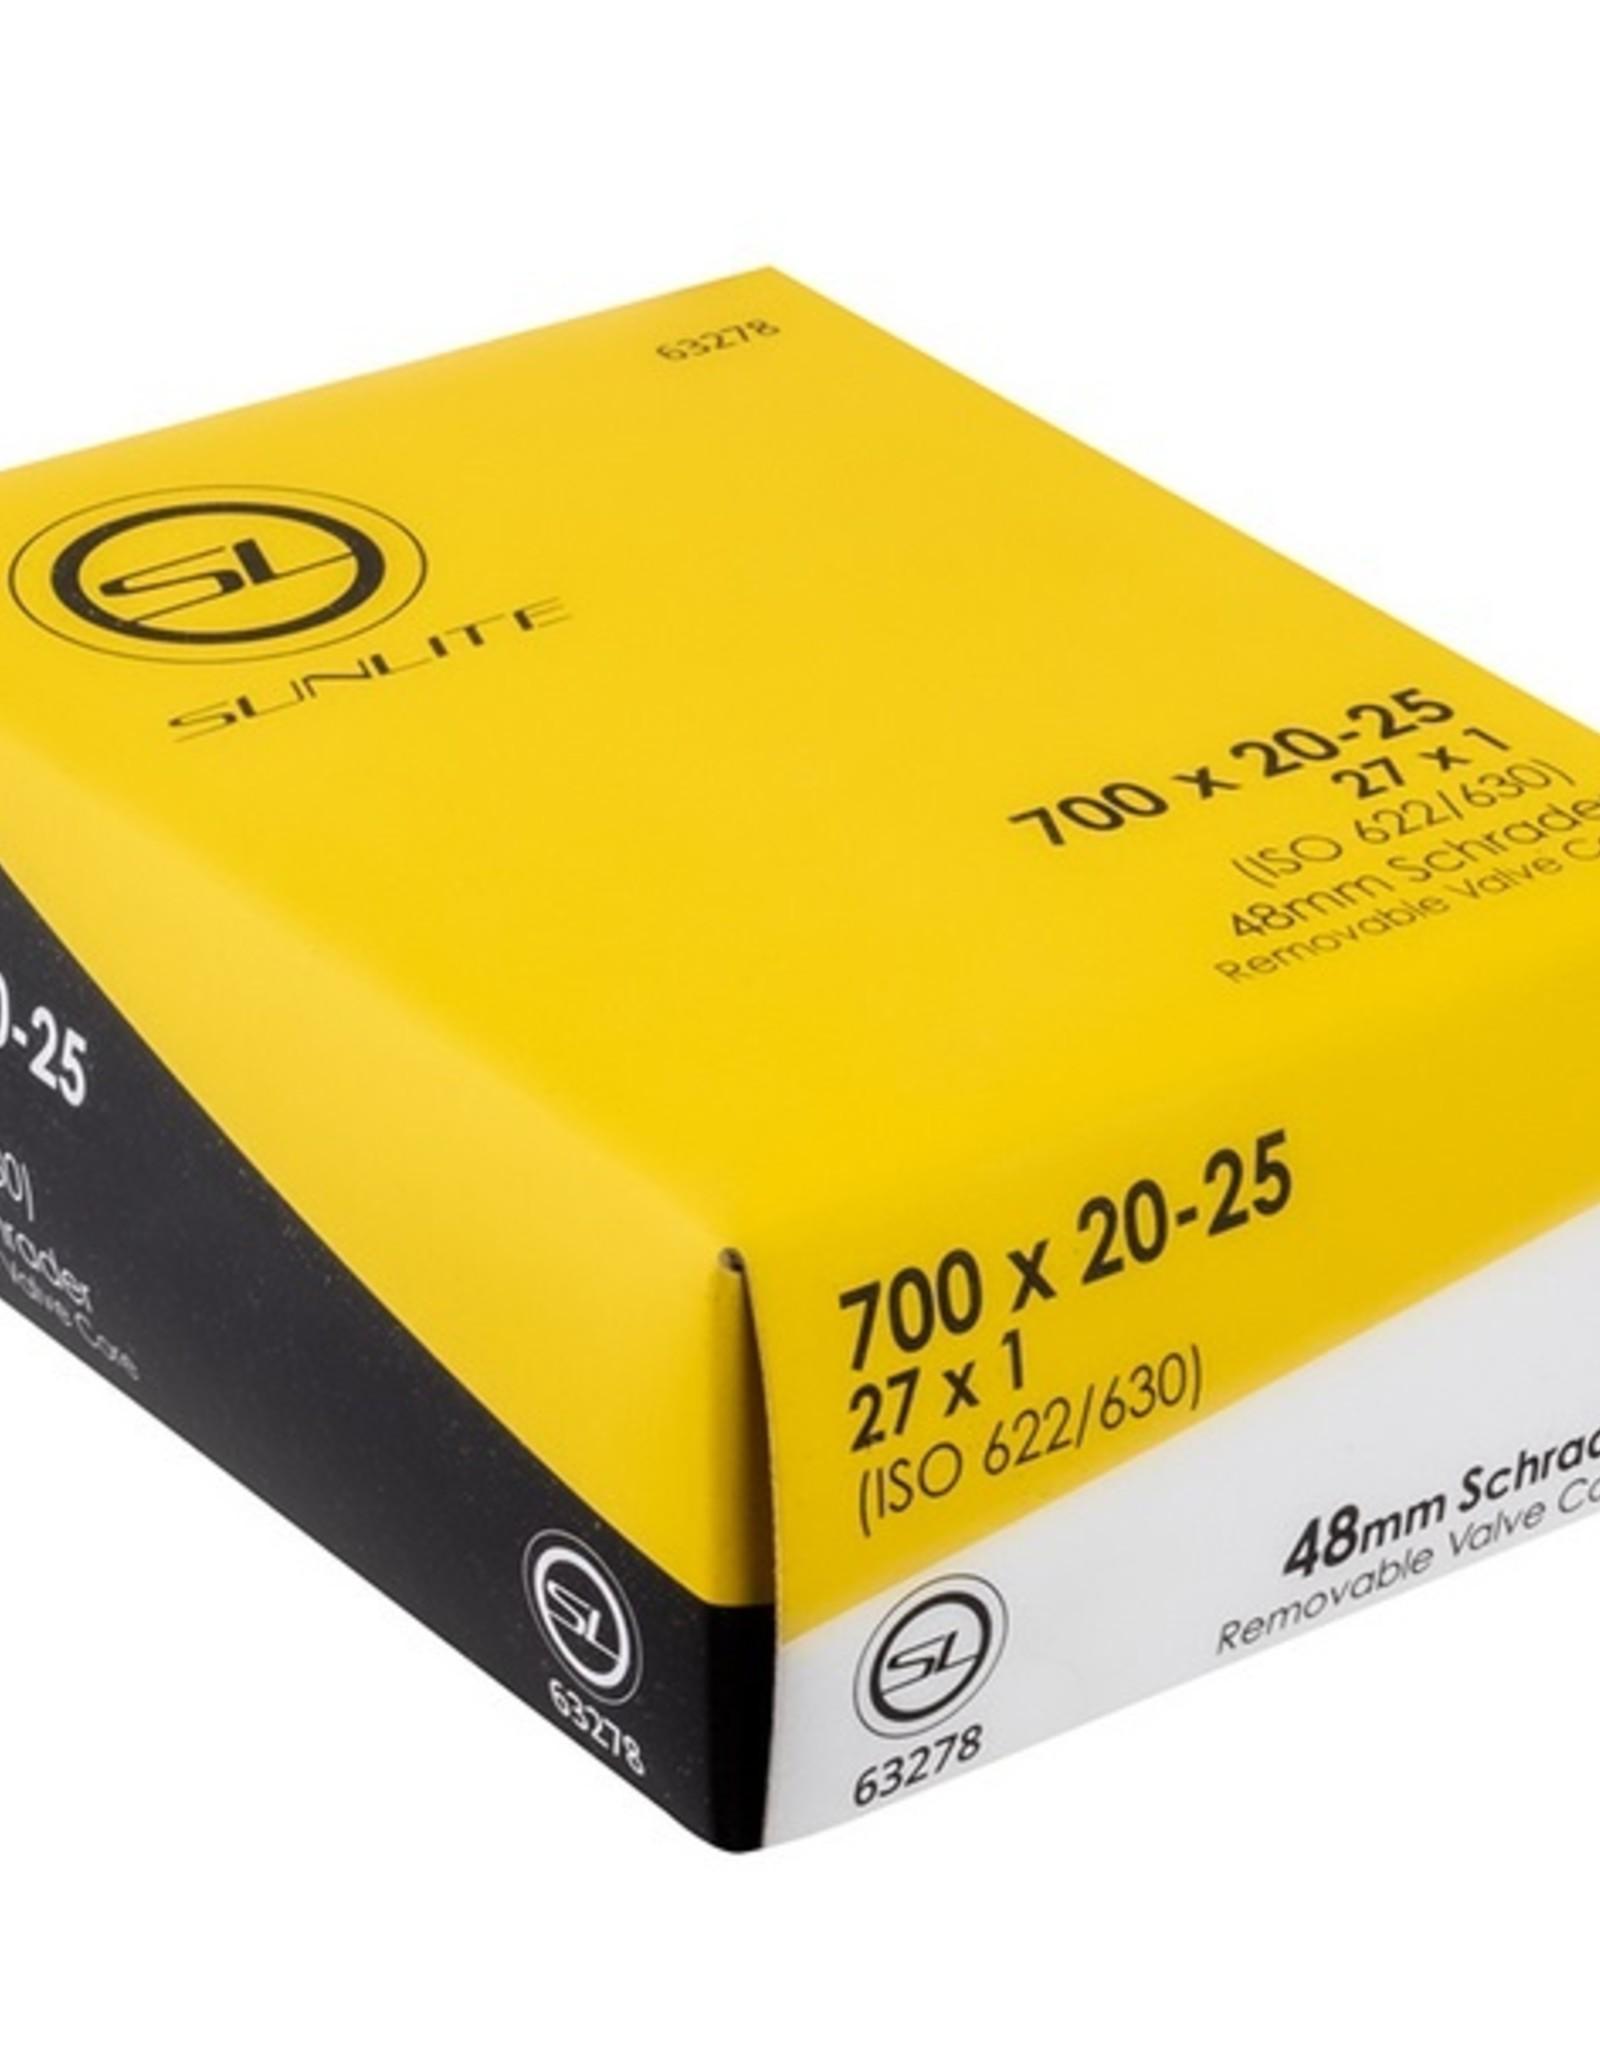 700C (27) 20-25mm Shrader Valve